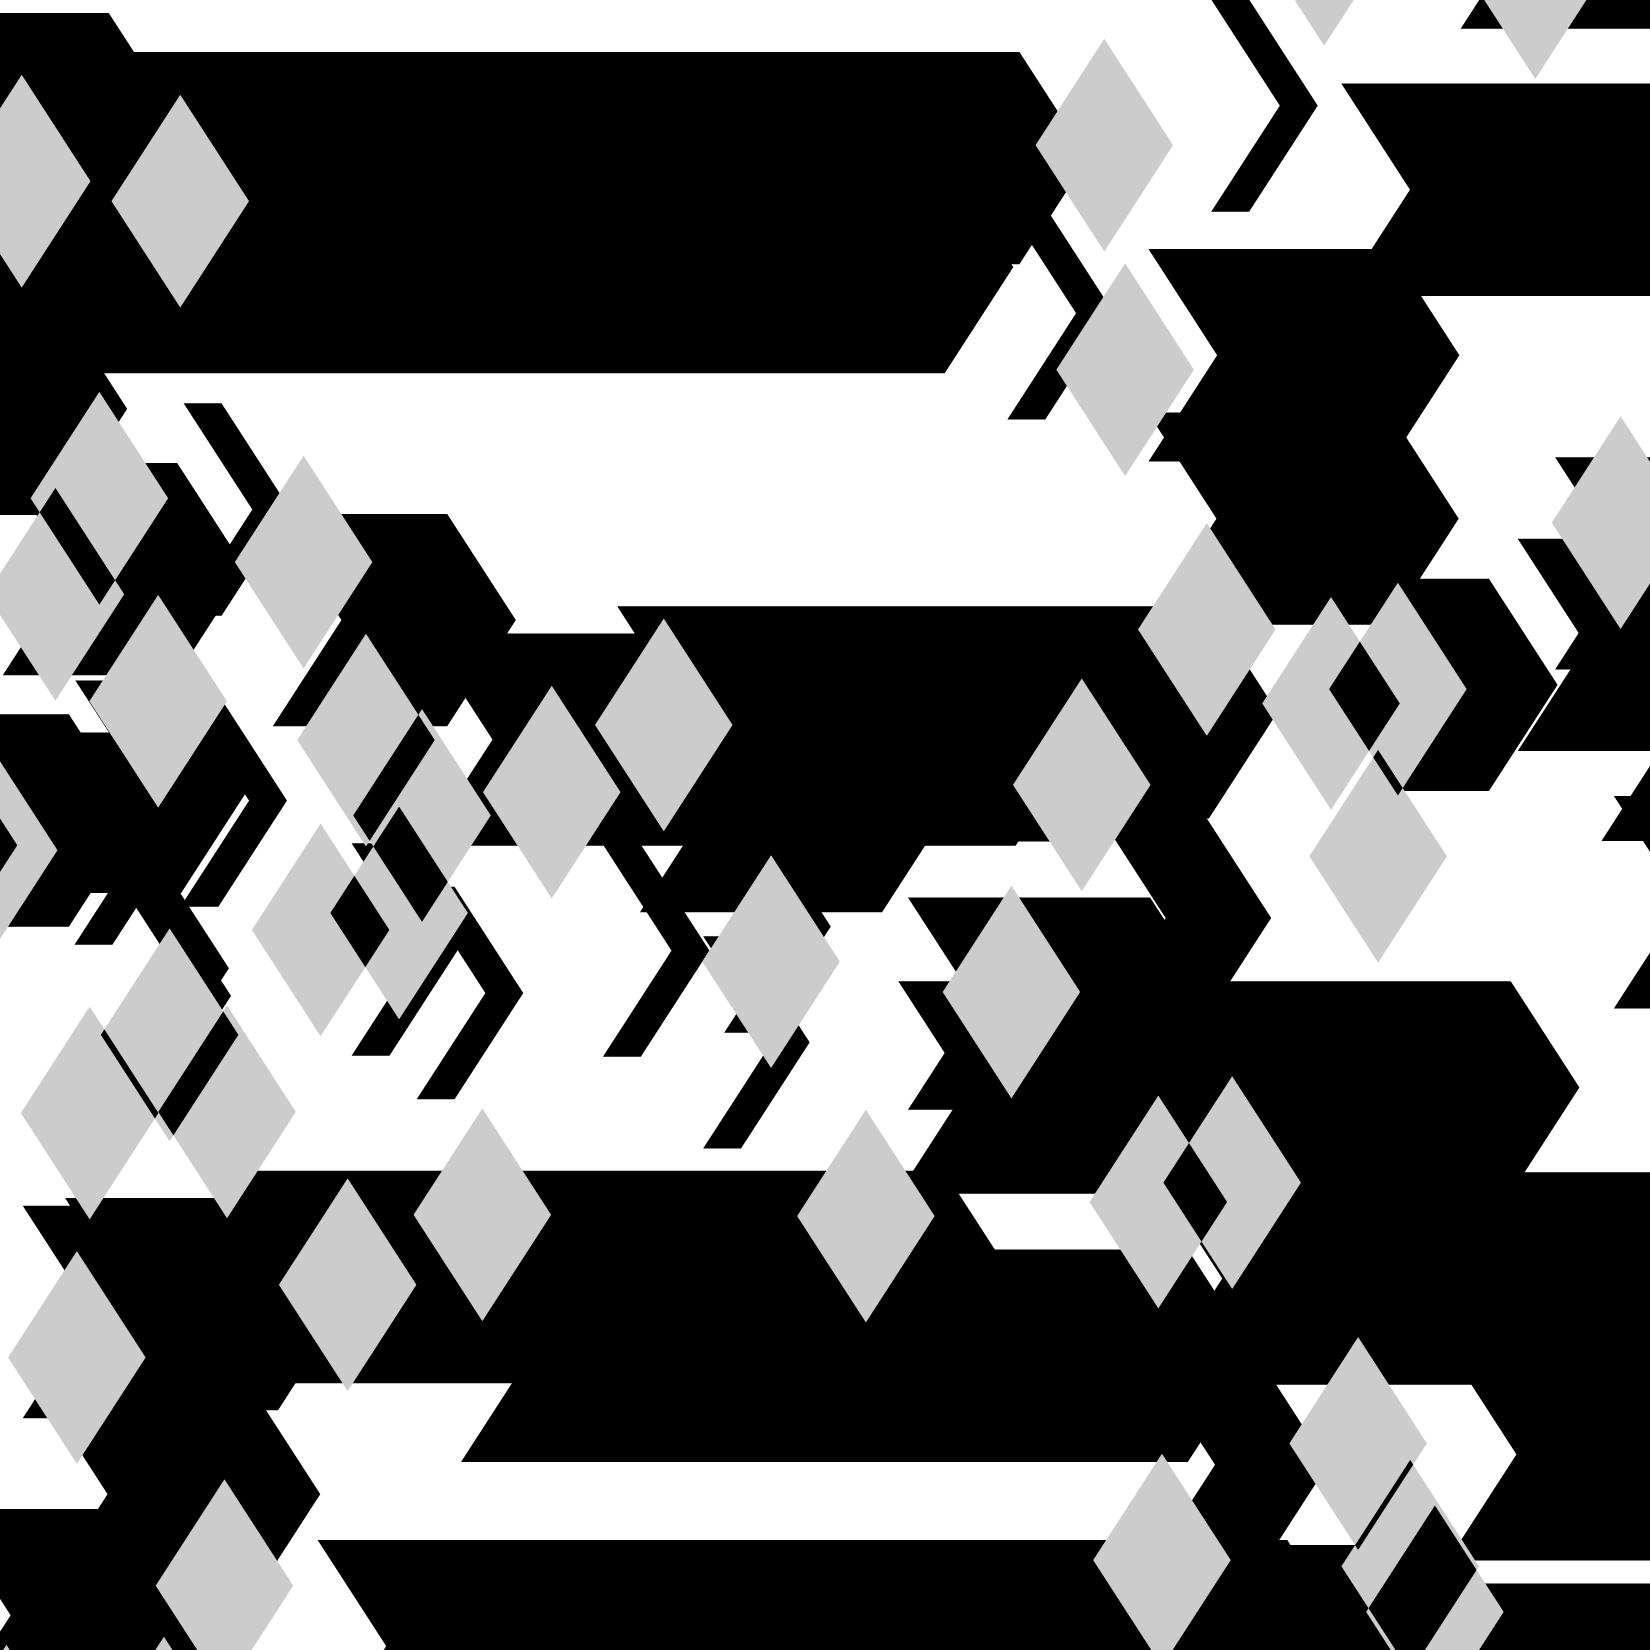 Cubes-01.png